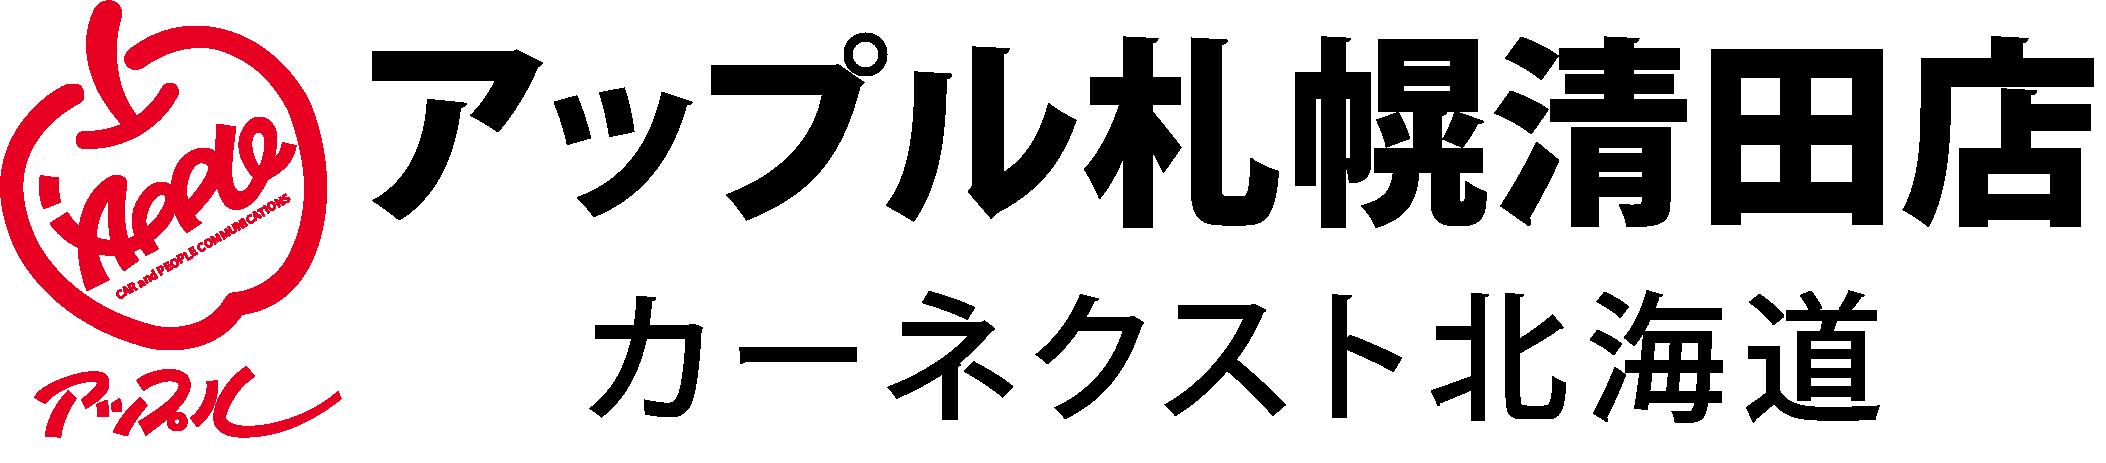 清田店 ロゴ